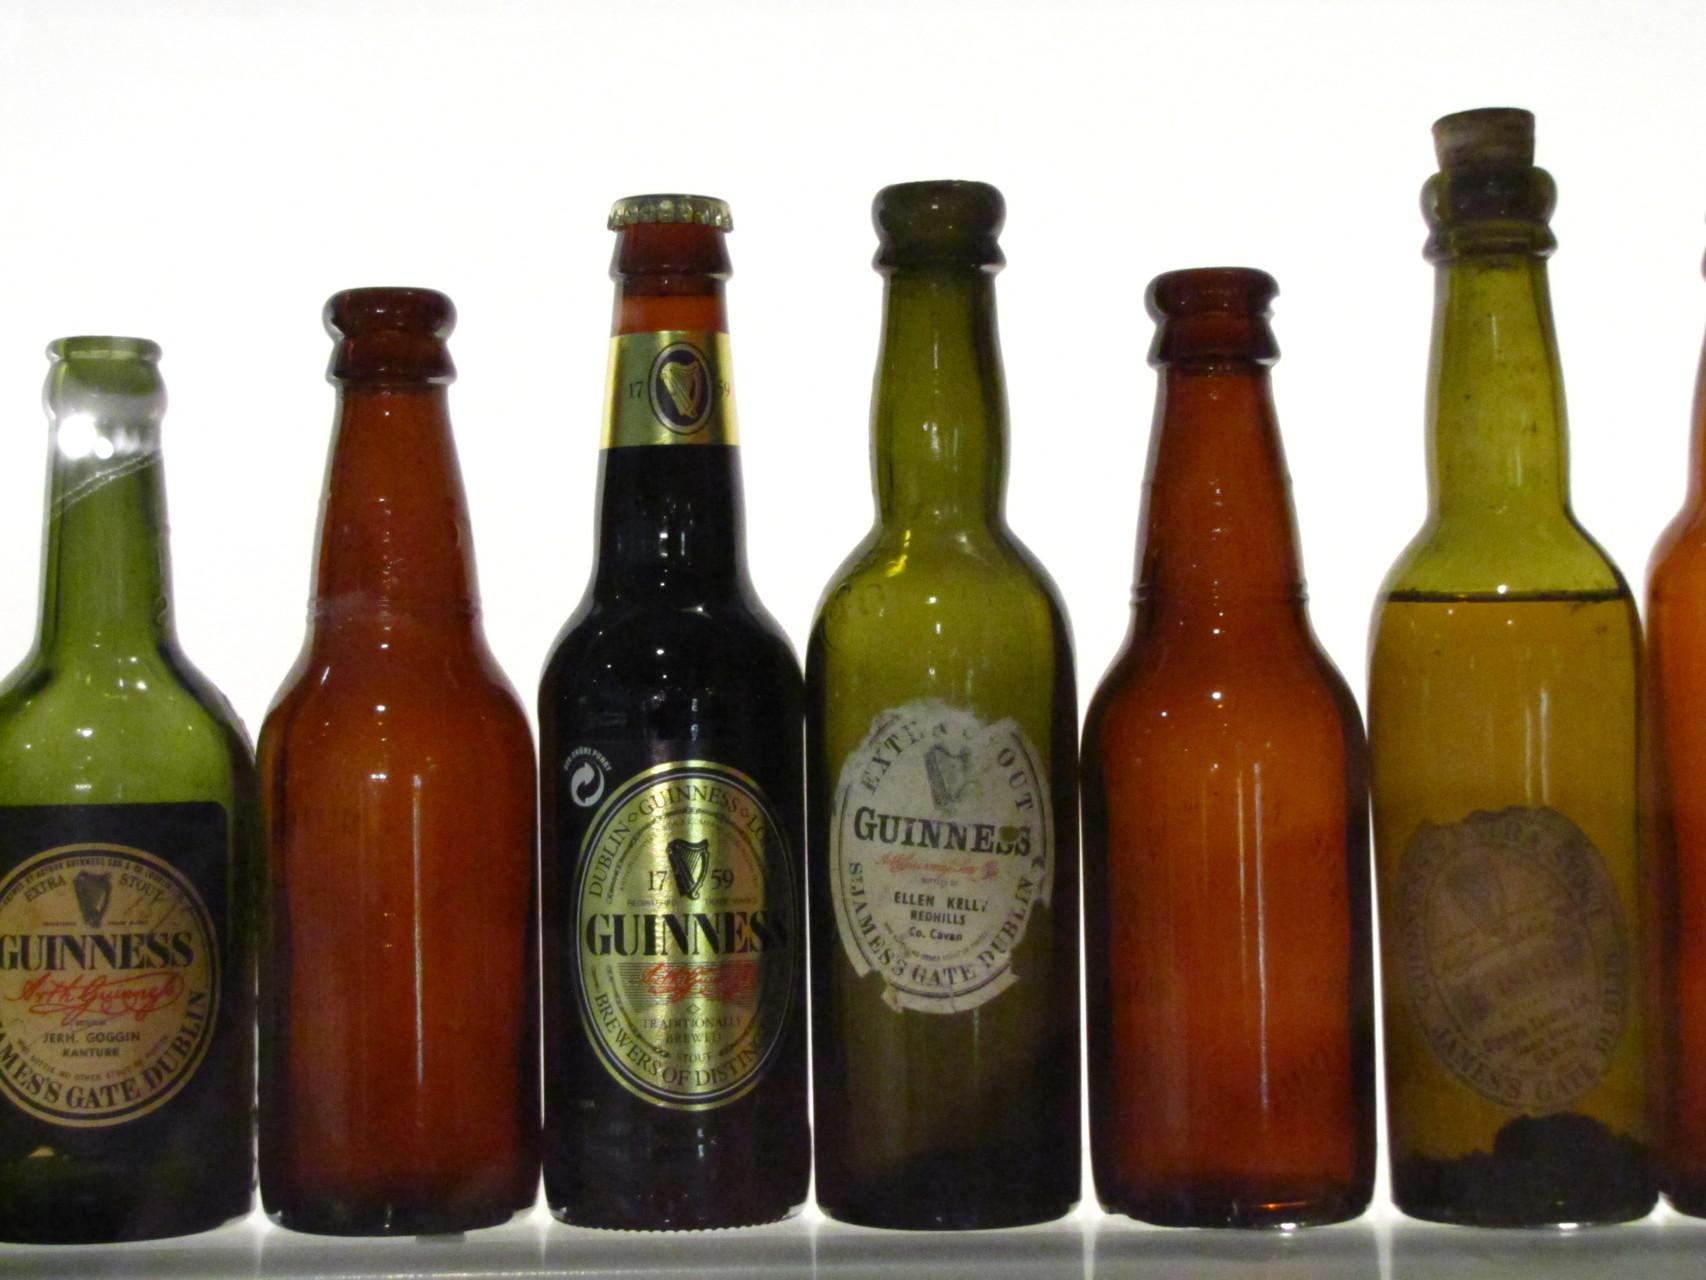 Guinness brouwerij in Dublin, Ierland.